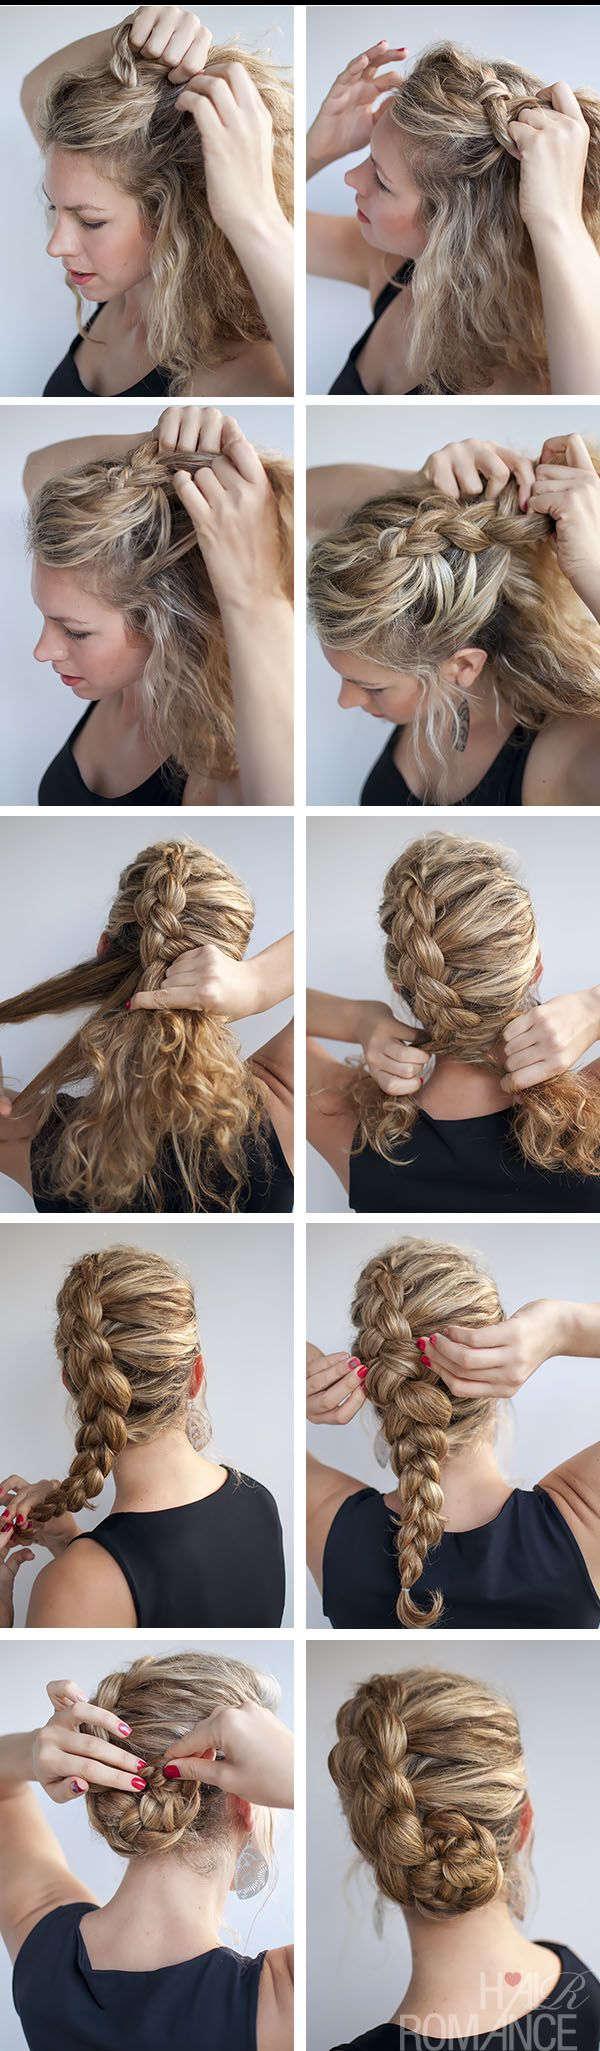 плетение косичек на кудрявые волосы фото